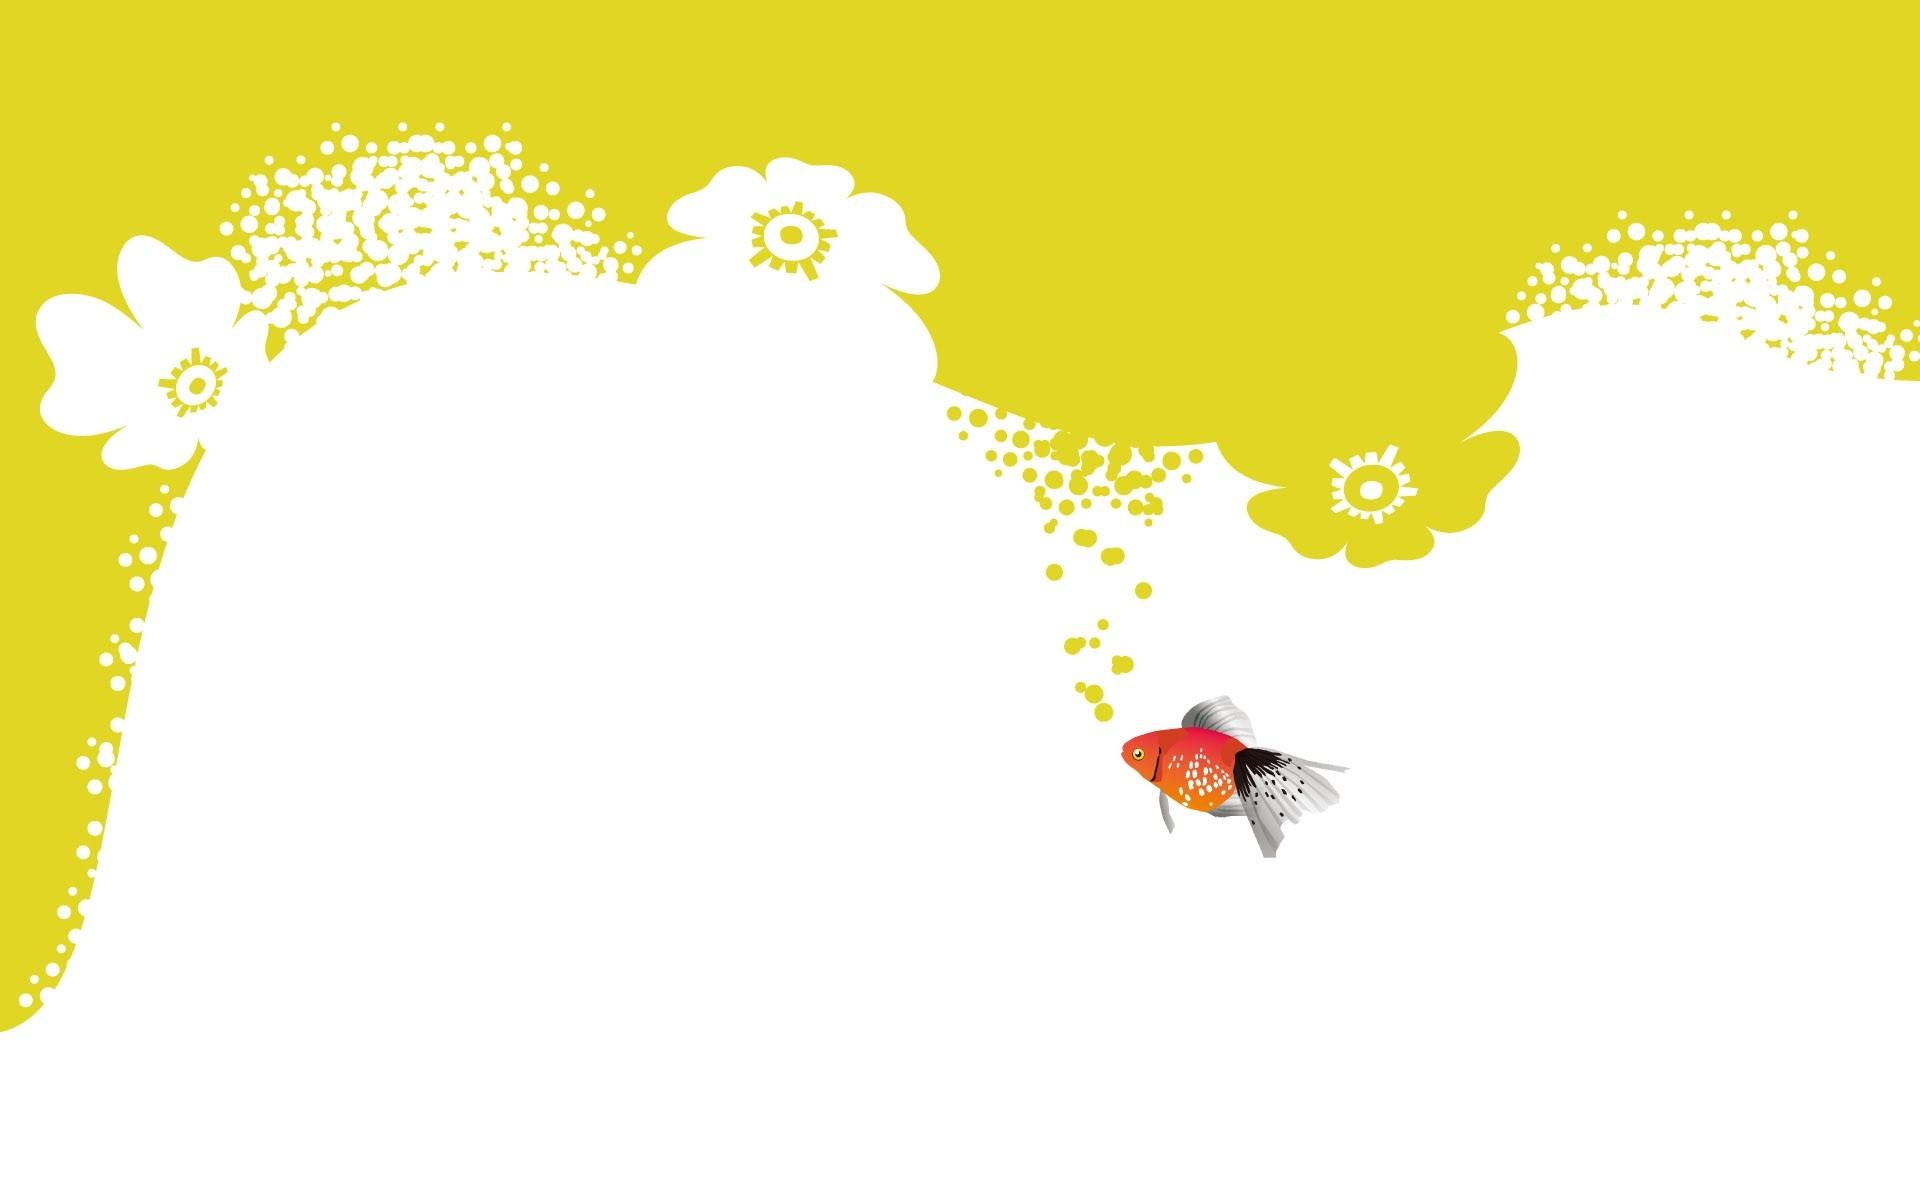 Wallpaper fish, underwater, yellow, white